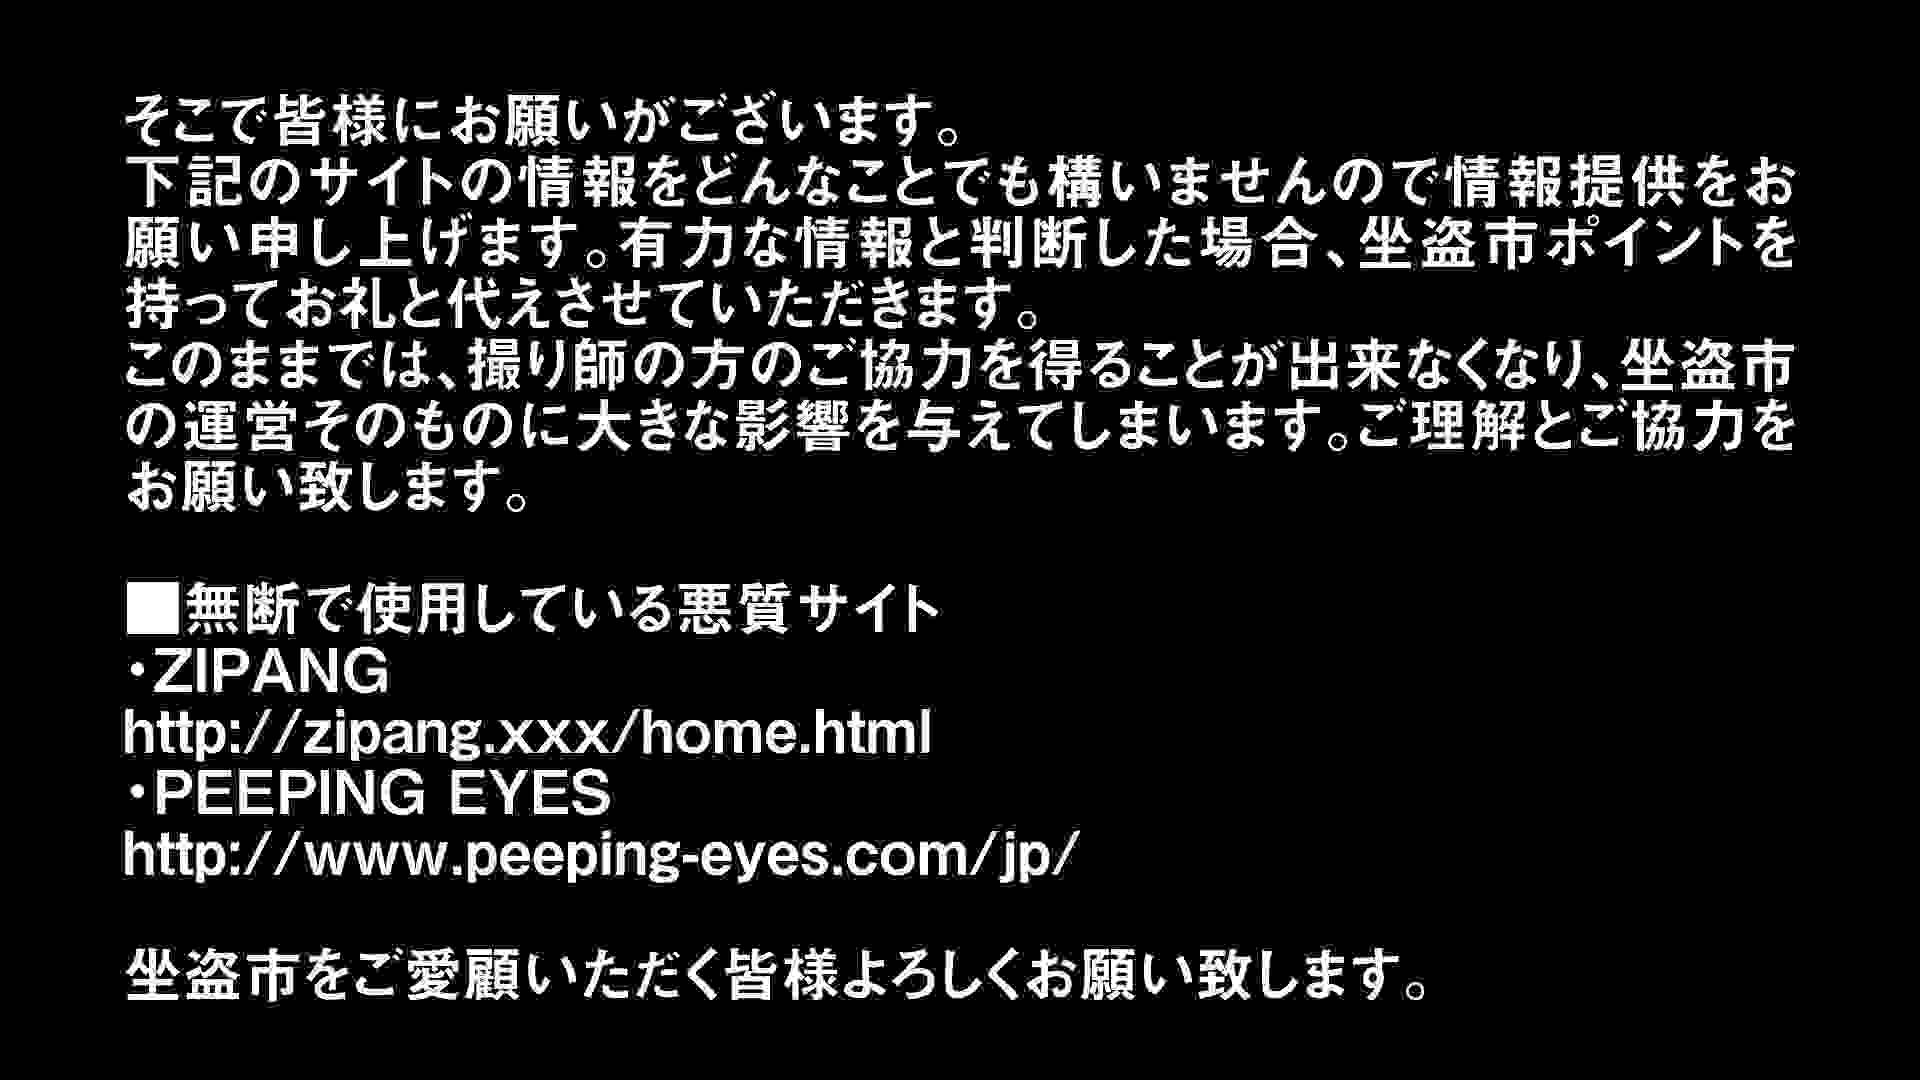 Aquaな露天風呂Vol.297 女体盗撮  91連発 36